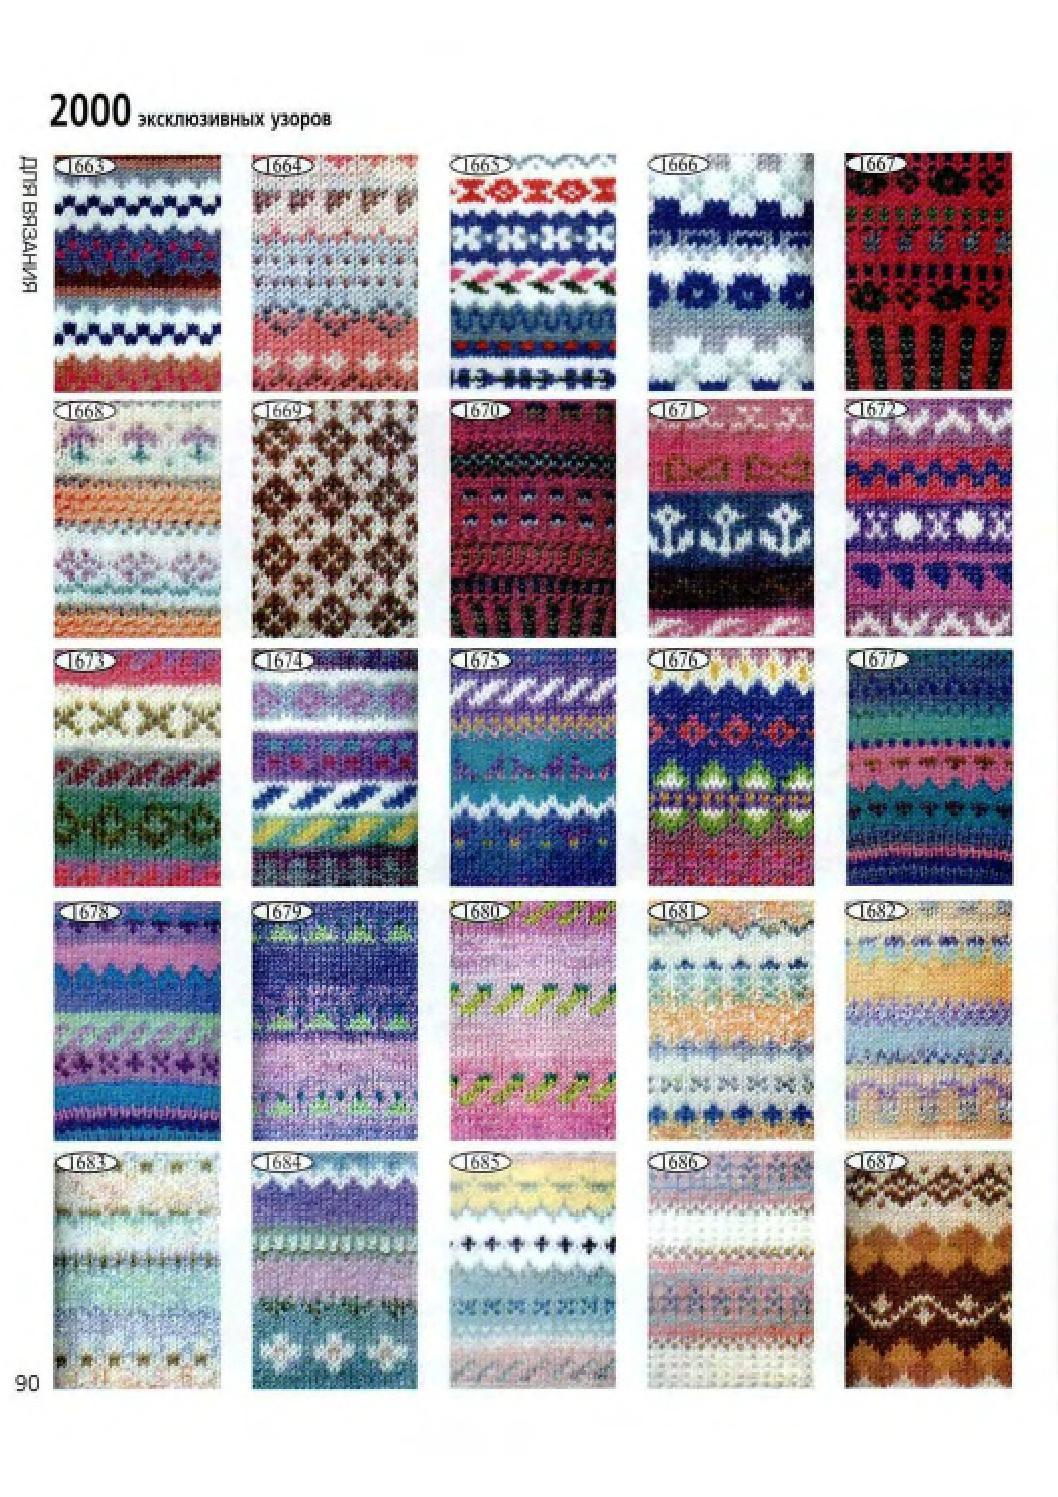 Скачать торрент 2000 эксклюзивных узоров для вязания (2000) 90